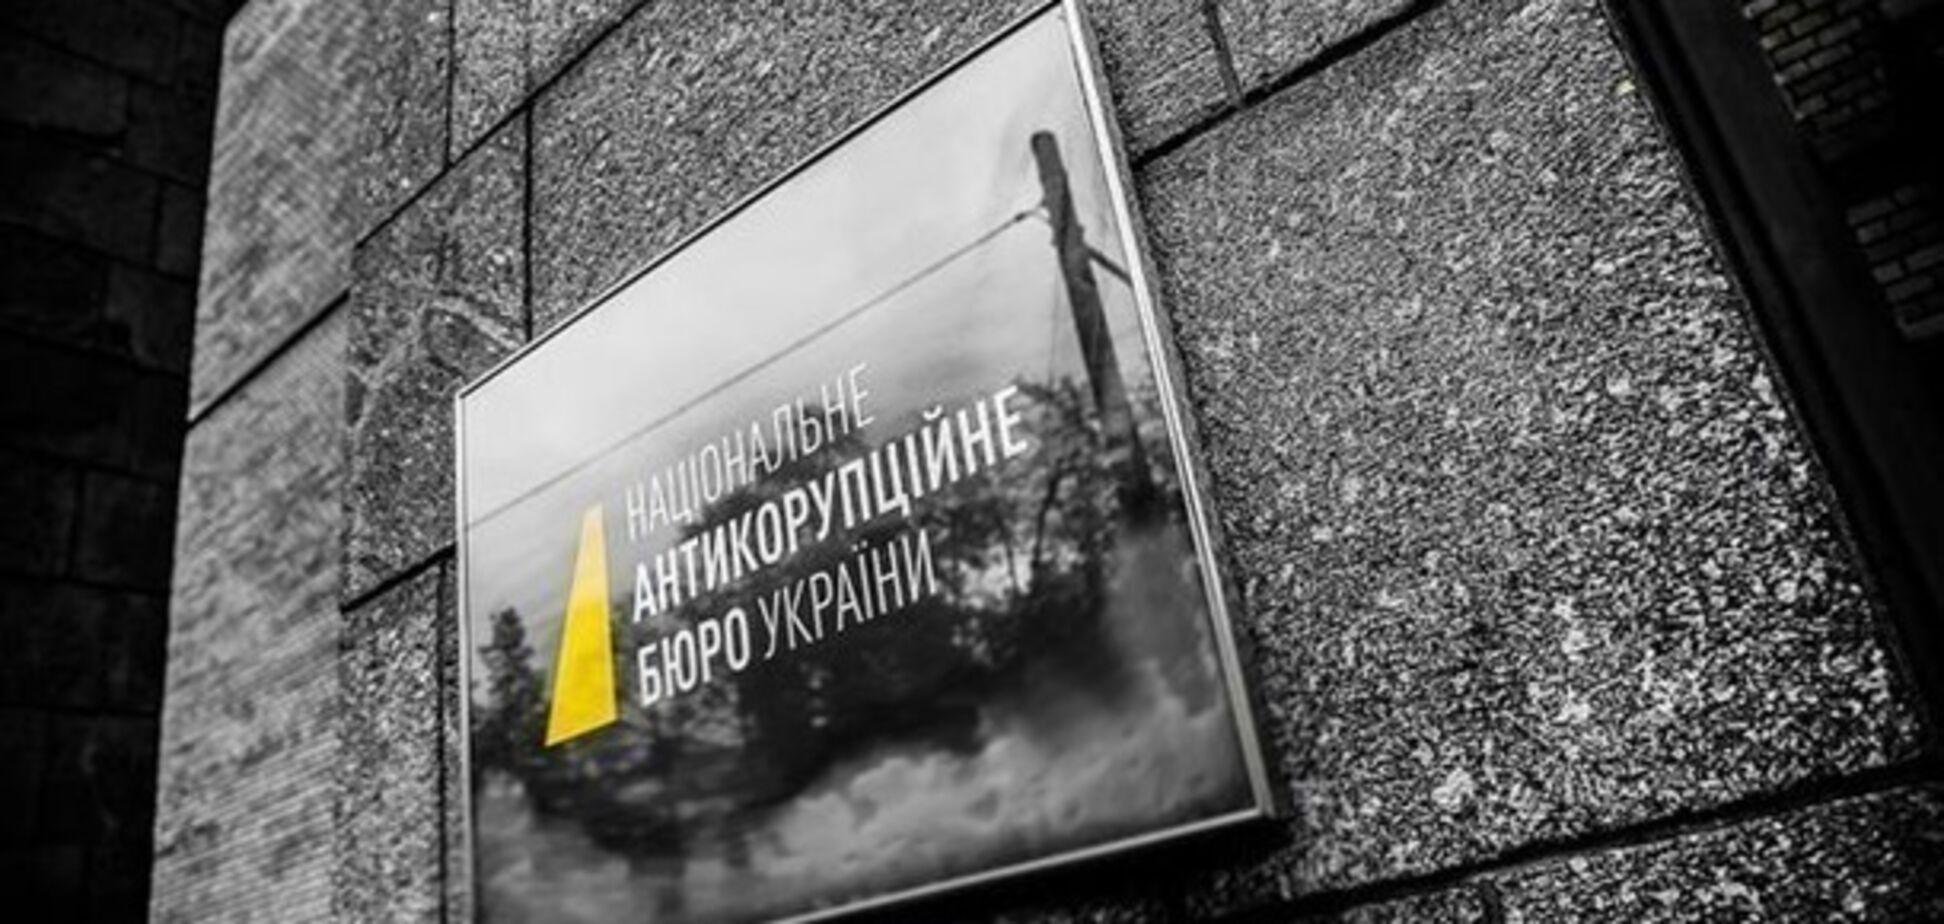 Скандал в оборонке Украины: НАБУ сделало громкое оправдательное заявление